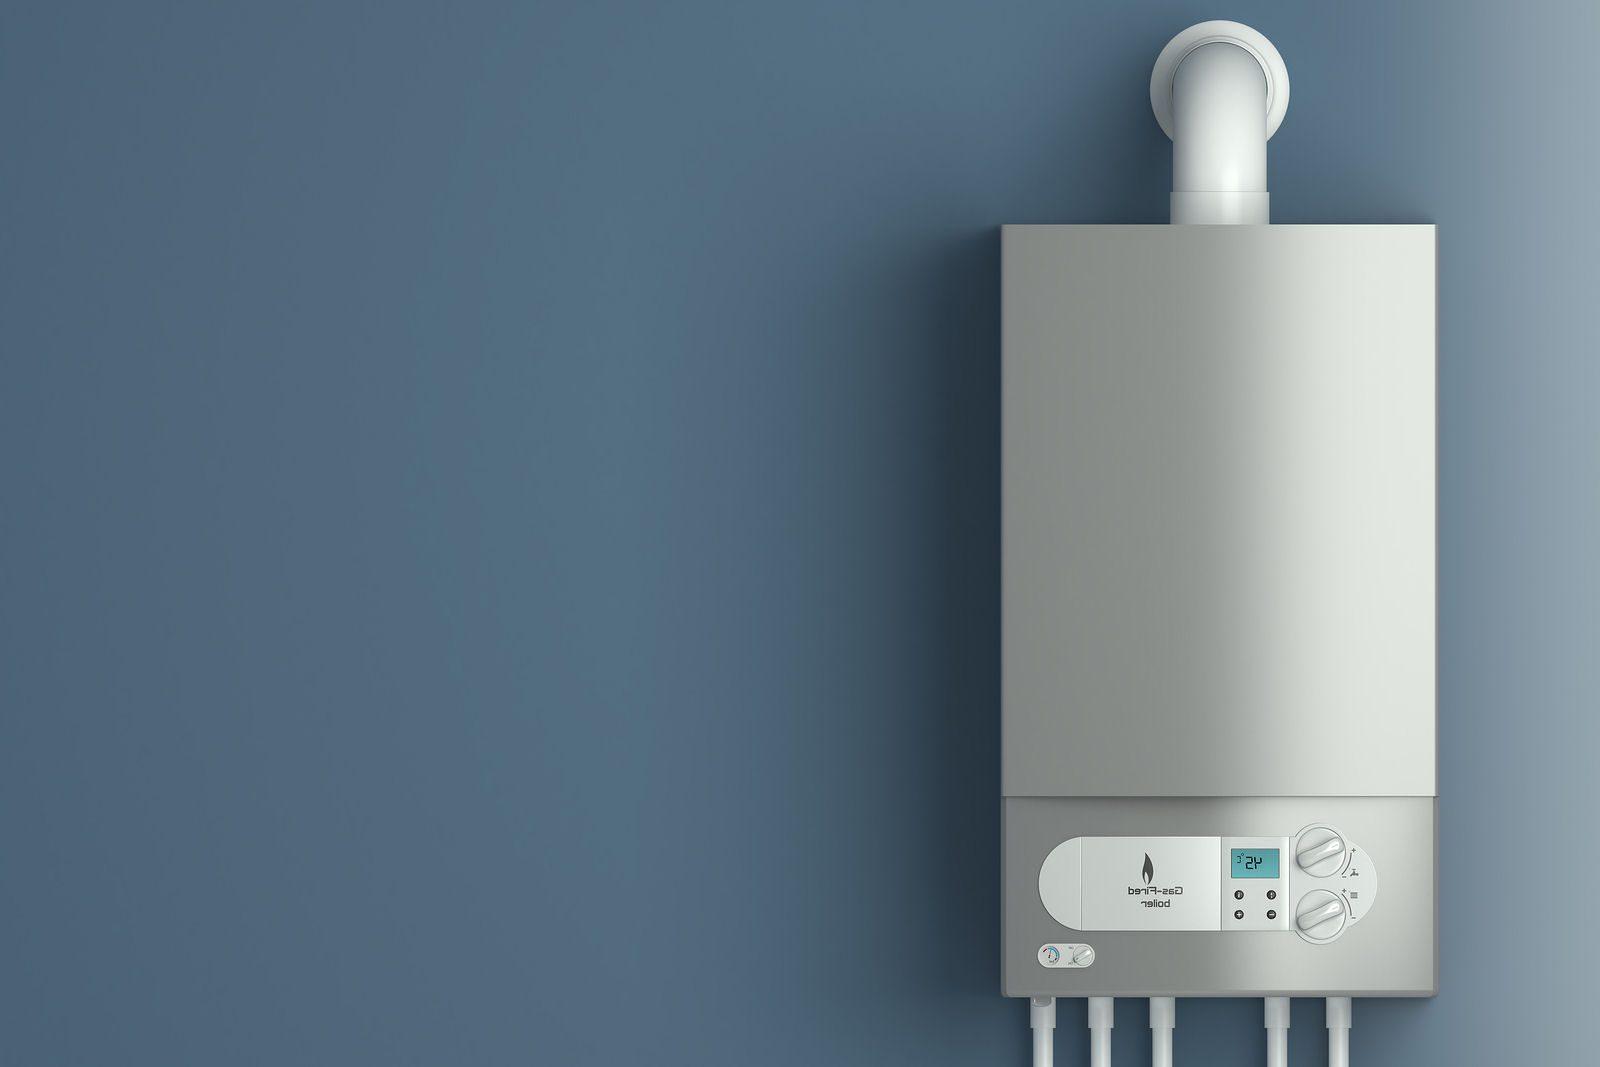 indoor-boiler-8718011